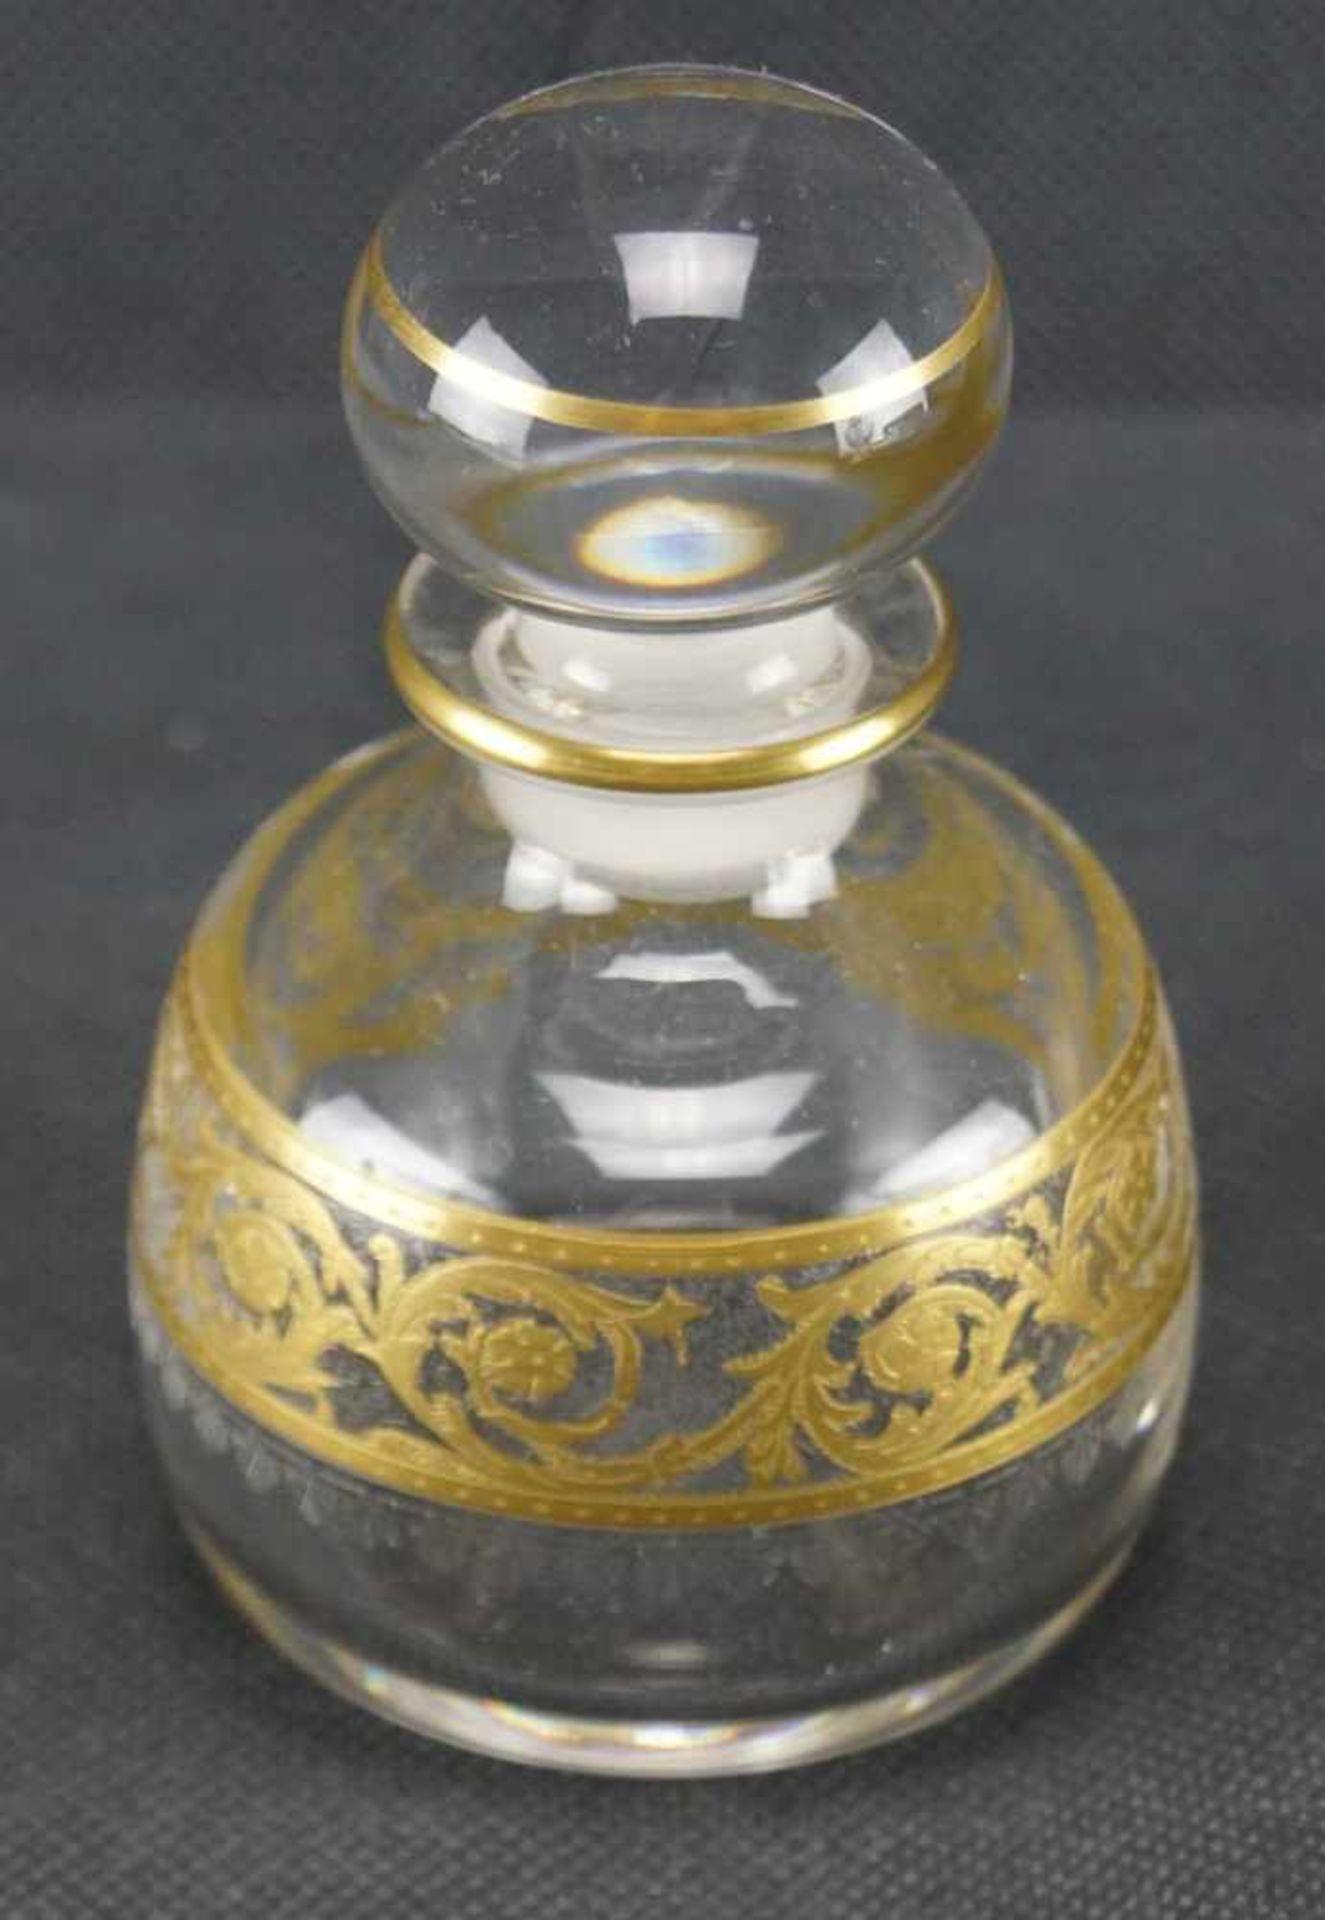 Parfumflakon, Saint Louis Mit Ätzmarke versehen, Serie Thistle Gold, Höhe 10,5 cm, in einem sehr